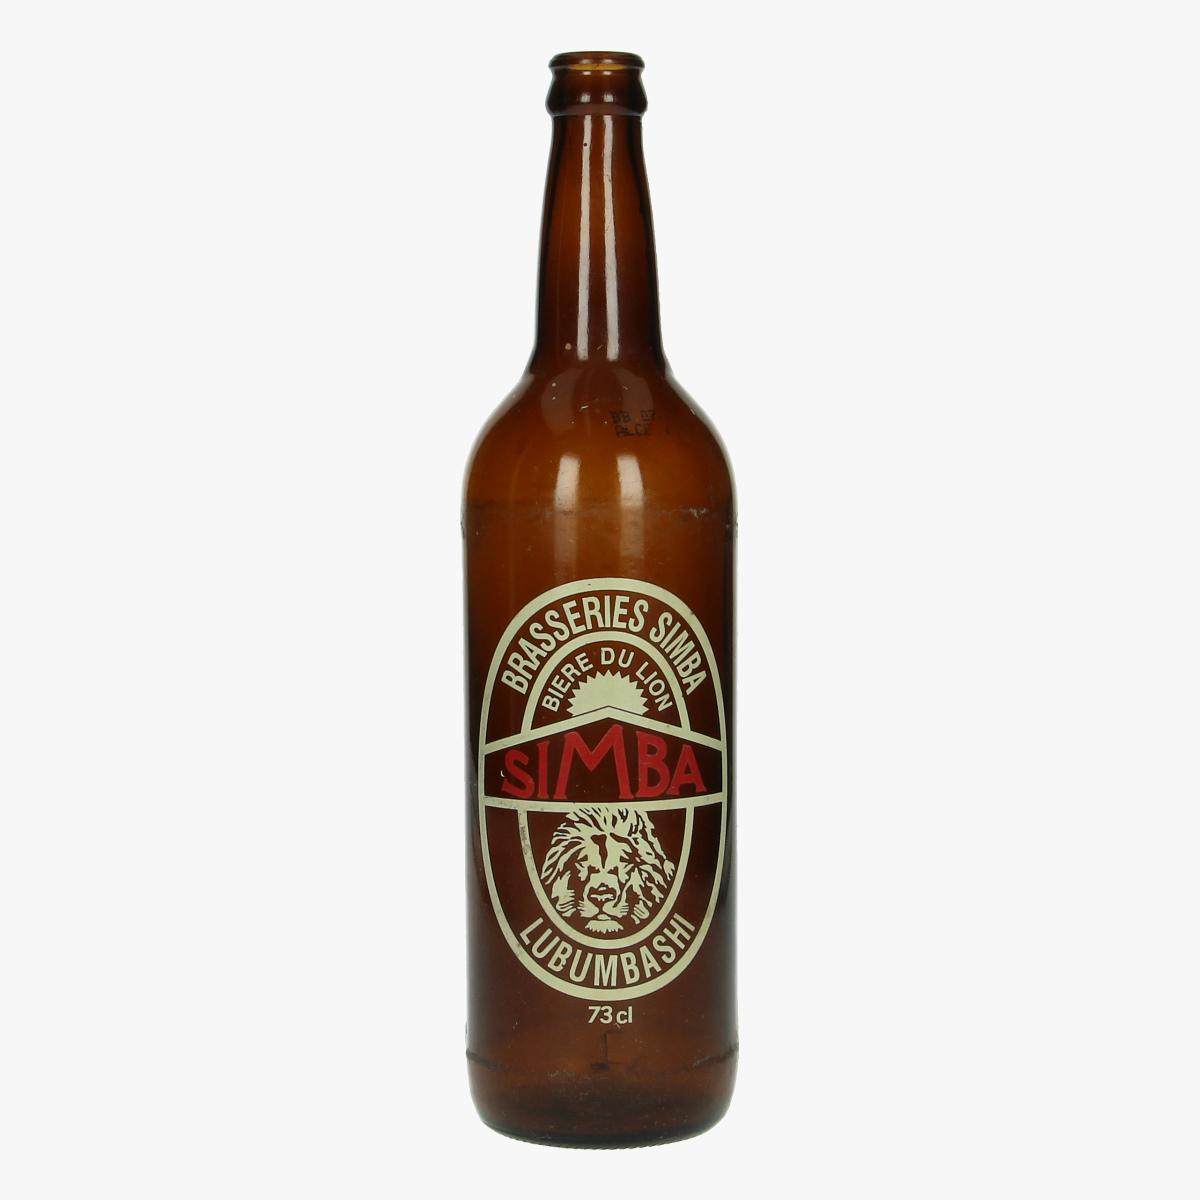 Afbeeldingen van oude bierfles simba